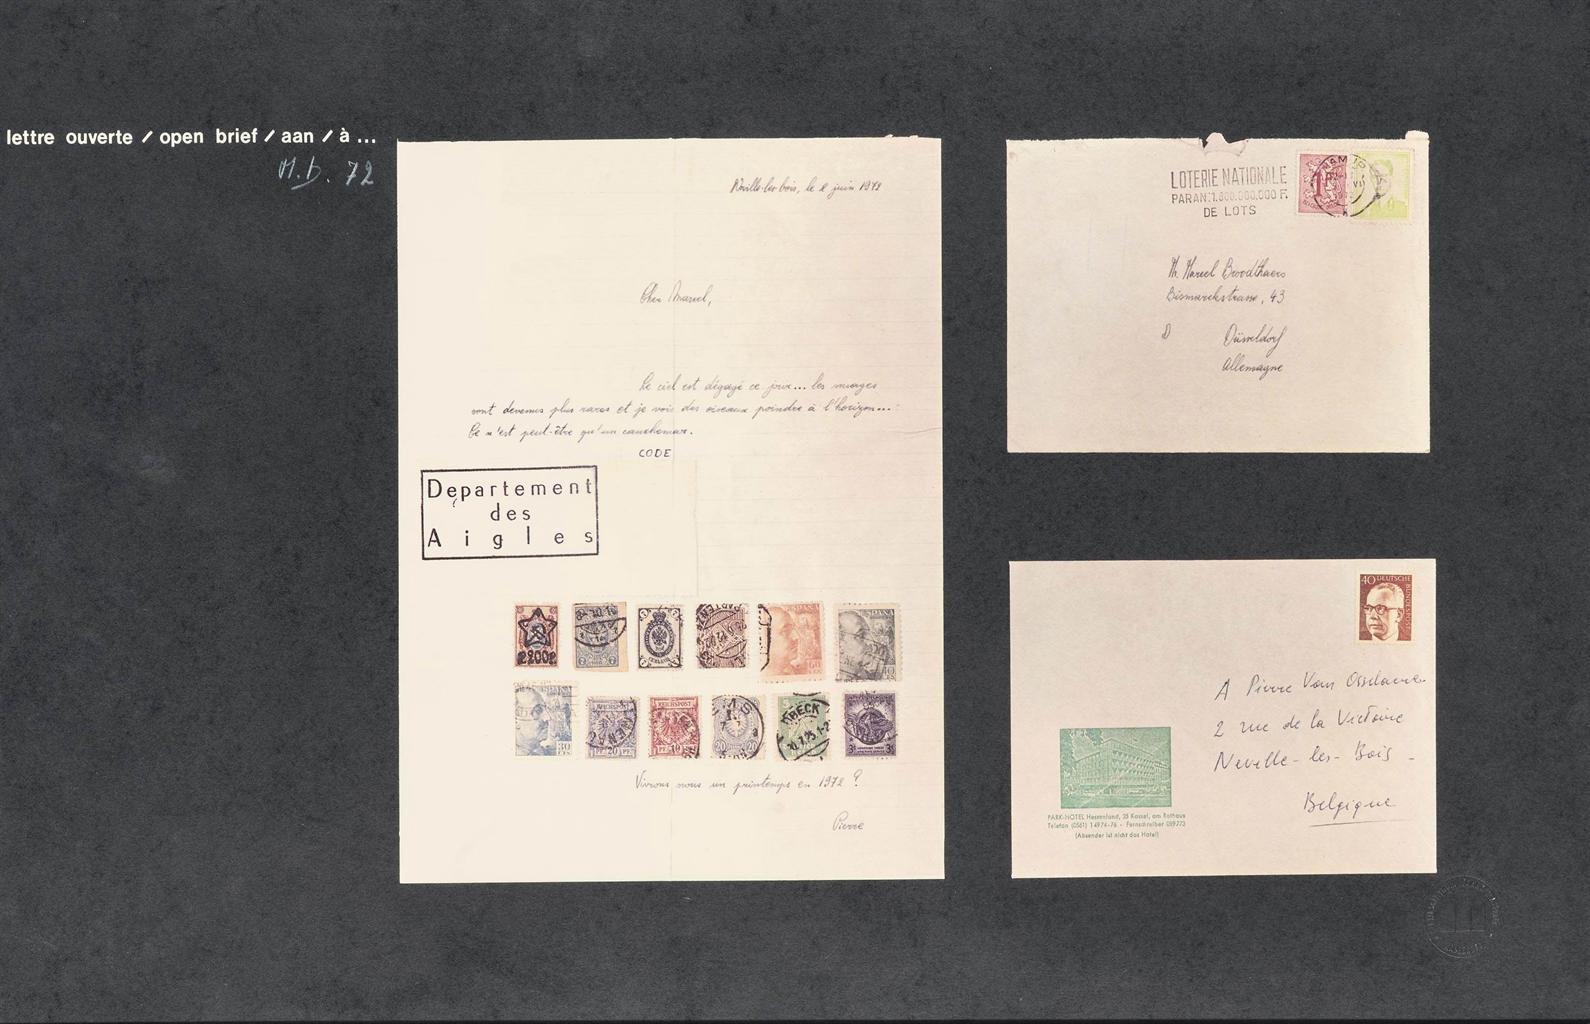 Marcel Broodthaers-Lettre Ouverte (Pas De Surimpression) (Open Letter (No Overprints))-1972